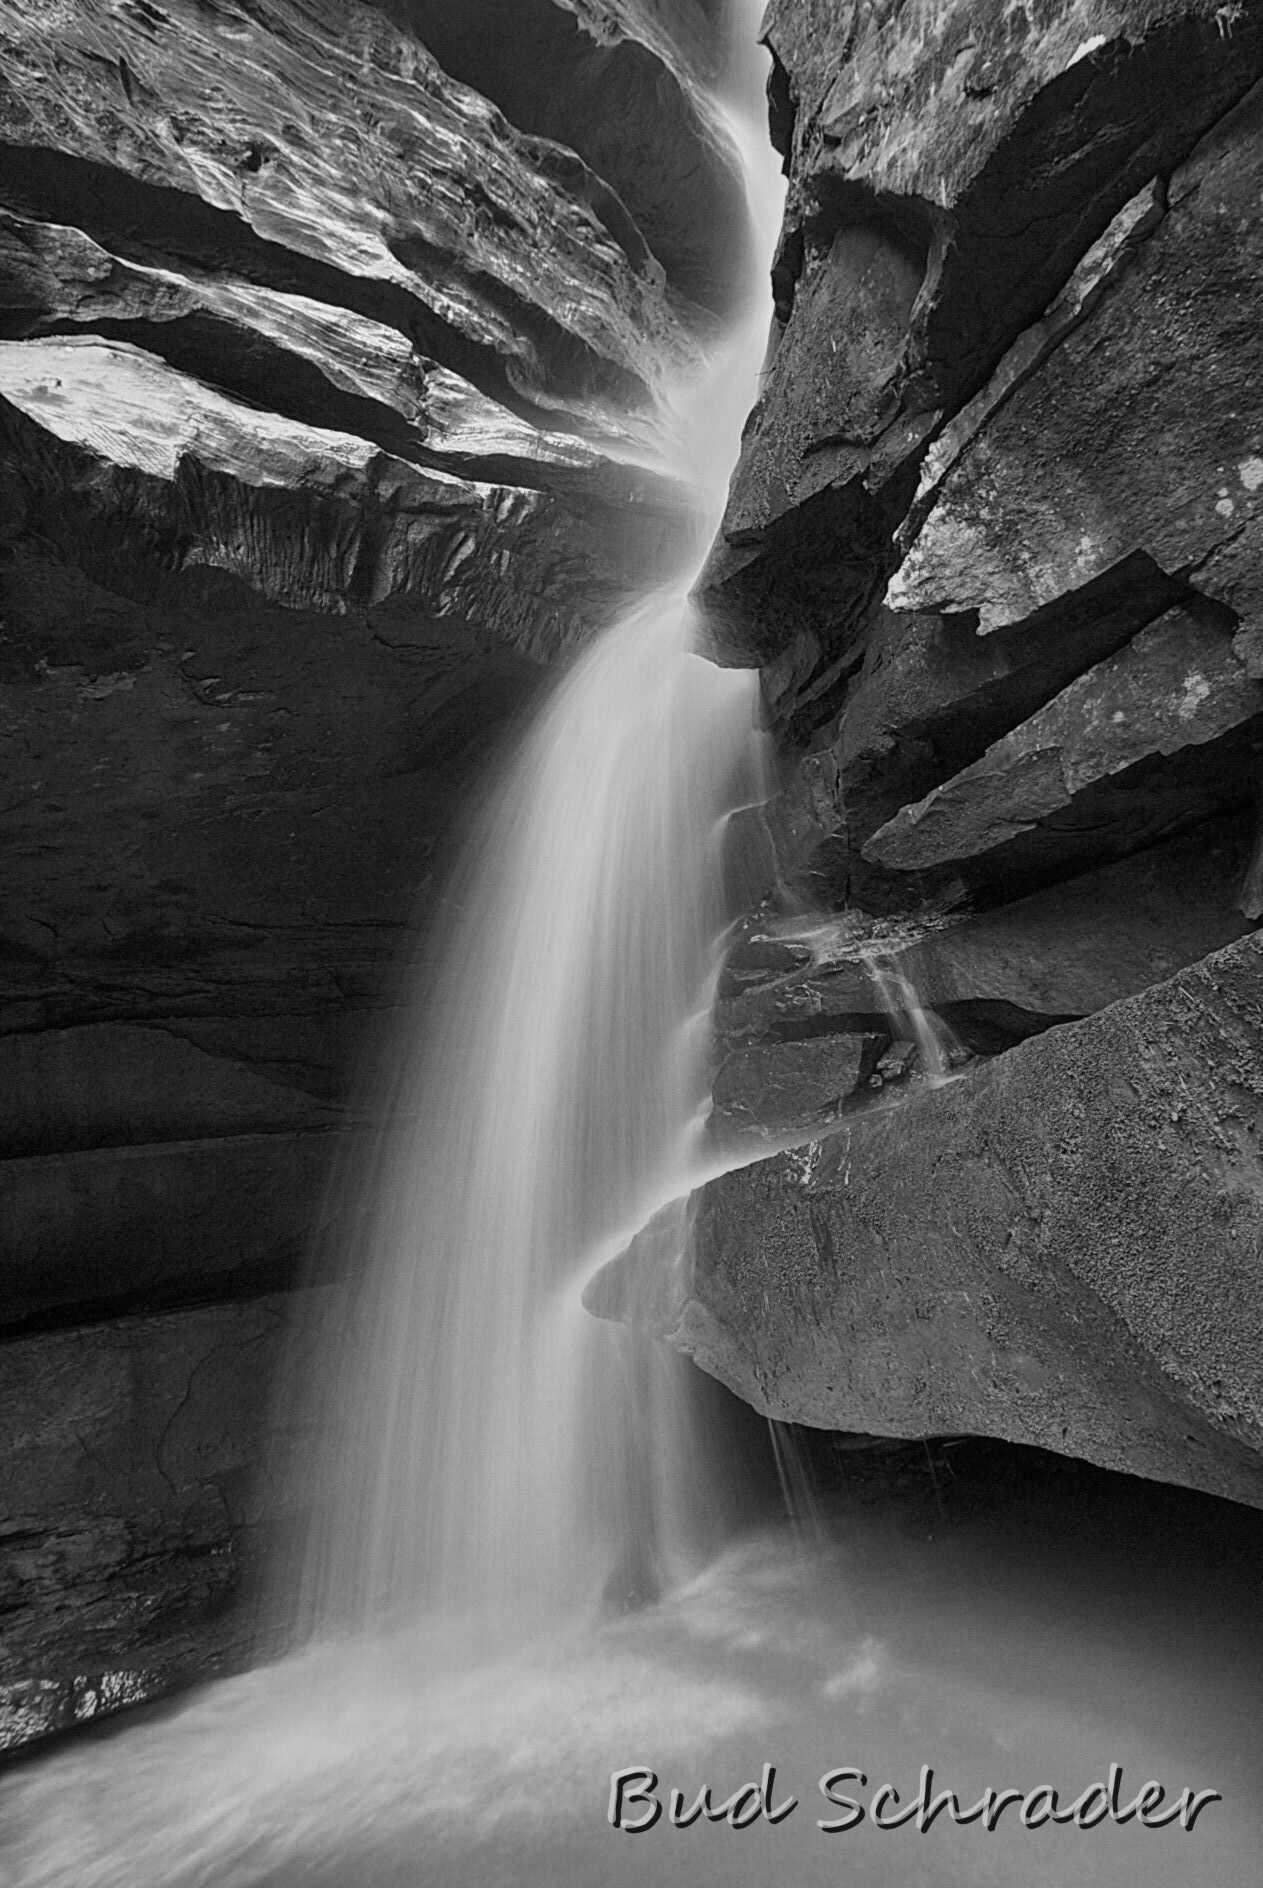 Bud Schrader Photography